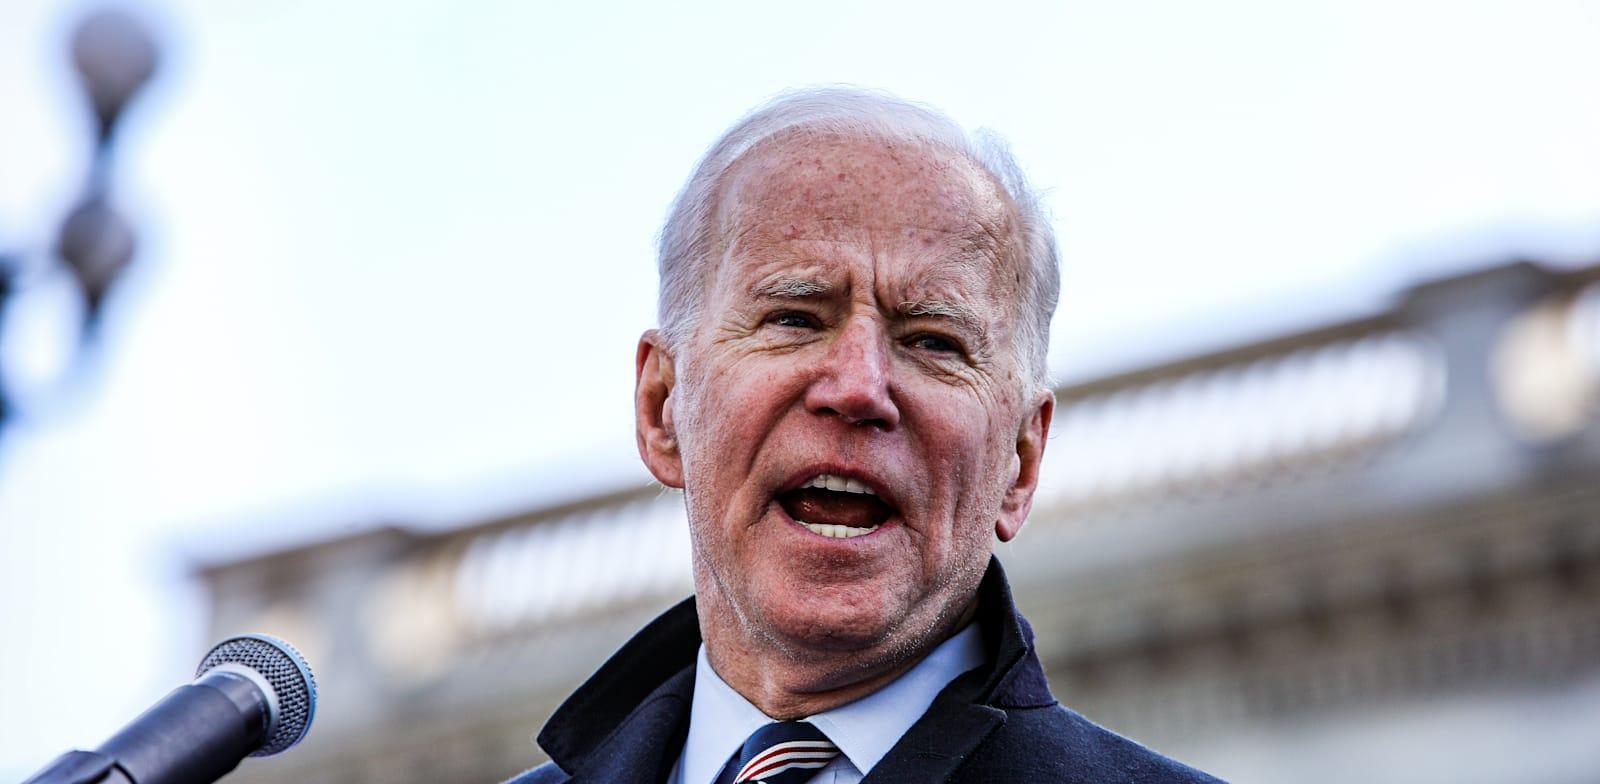 """נשיא ארה""""ב ג'ו ביידן / צילום: Shutterstock, Perry McLeod"""